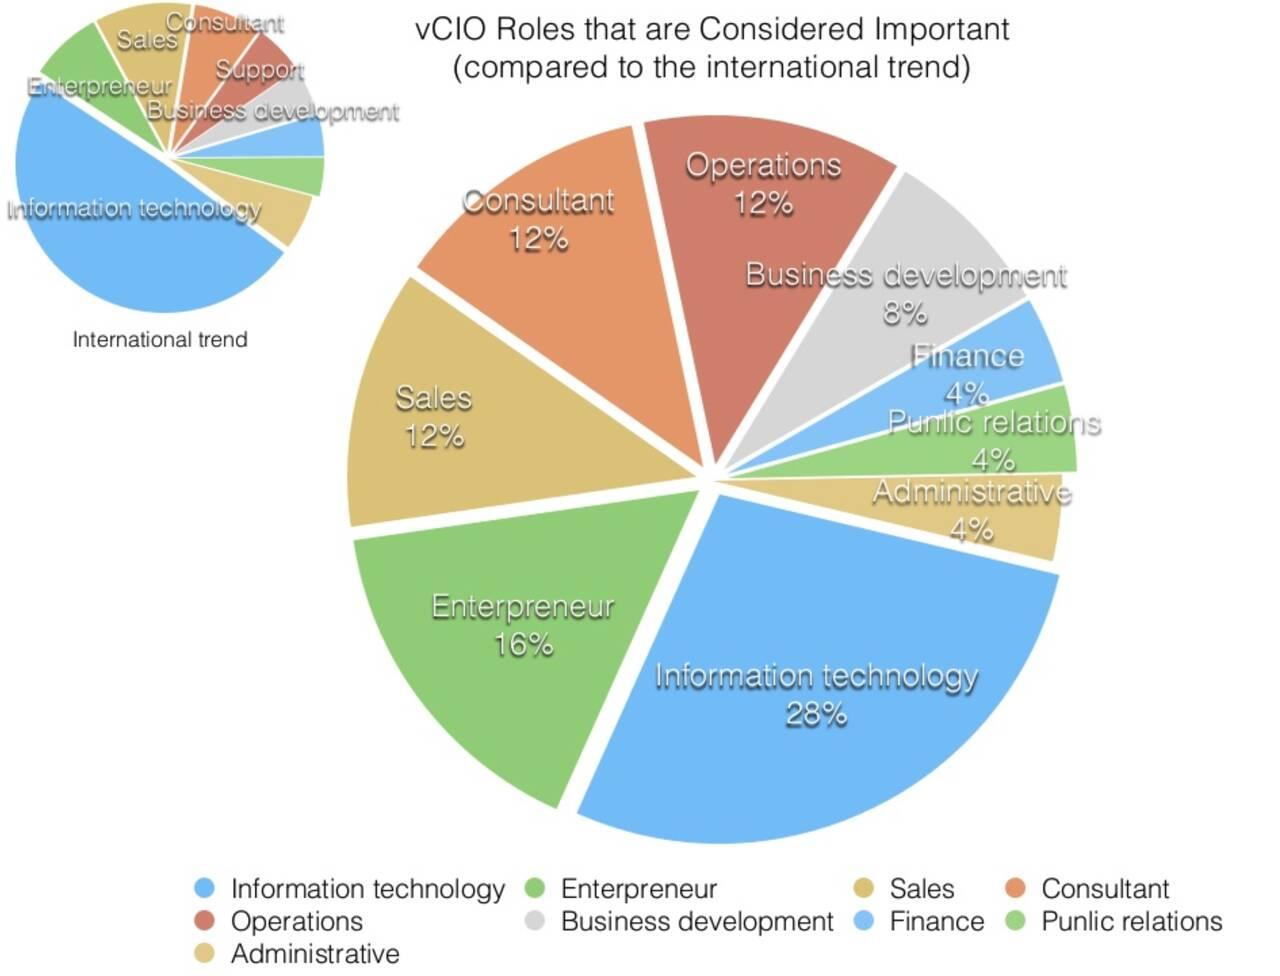 vCIO roles in Canada